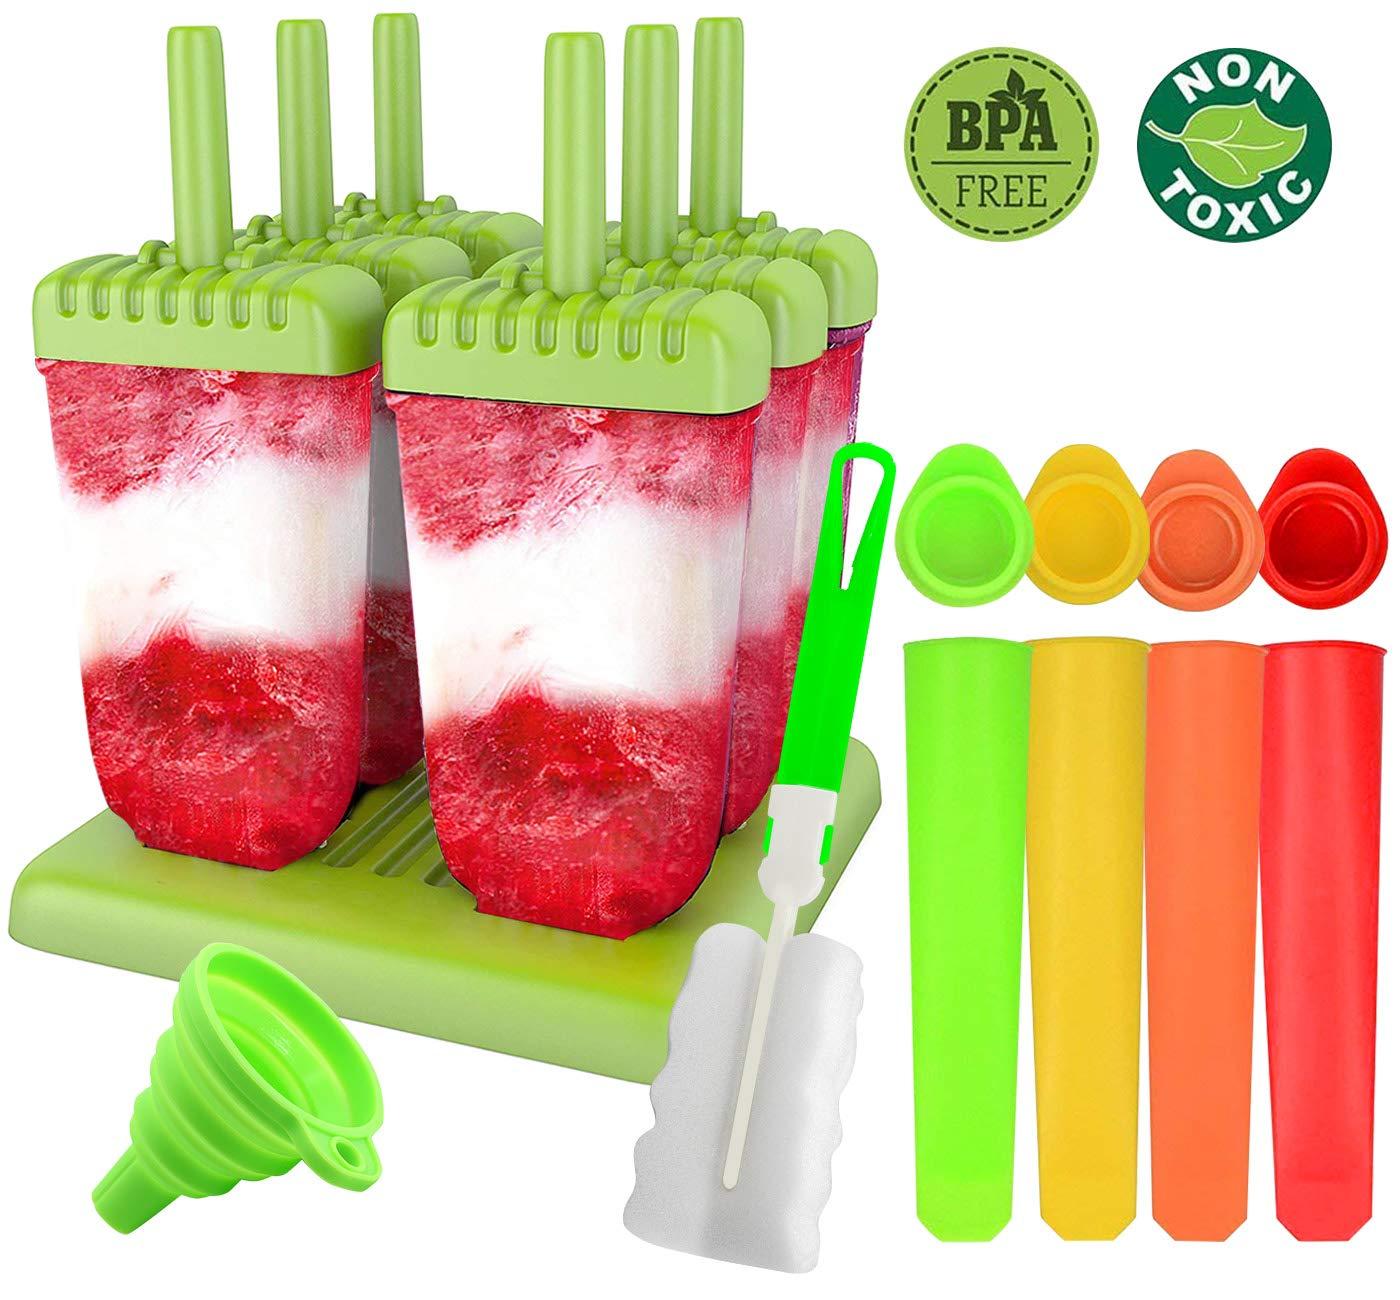 Molde para Helados, Gyvazla Reutilizable Moldes Silicona, 6 Fabricantes de Paletas Heladas, 4 Moldes de silicona para helados, LFGB y Libre de BPA, ...